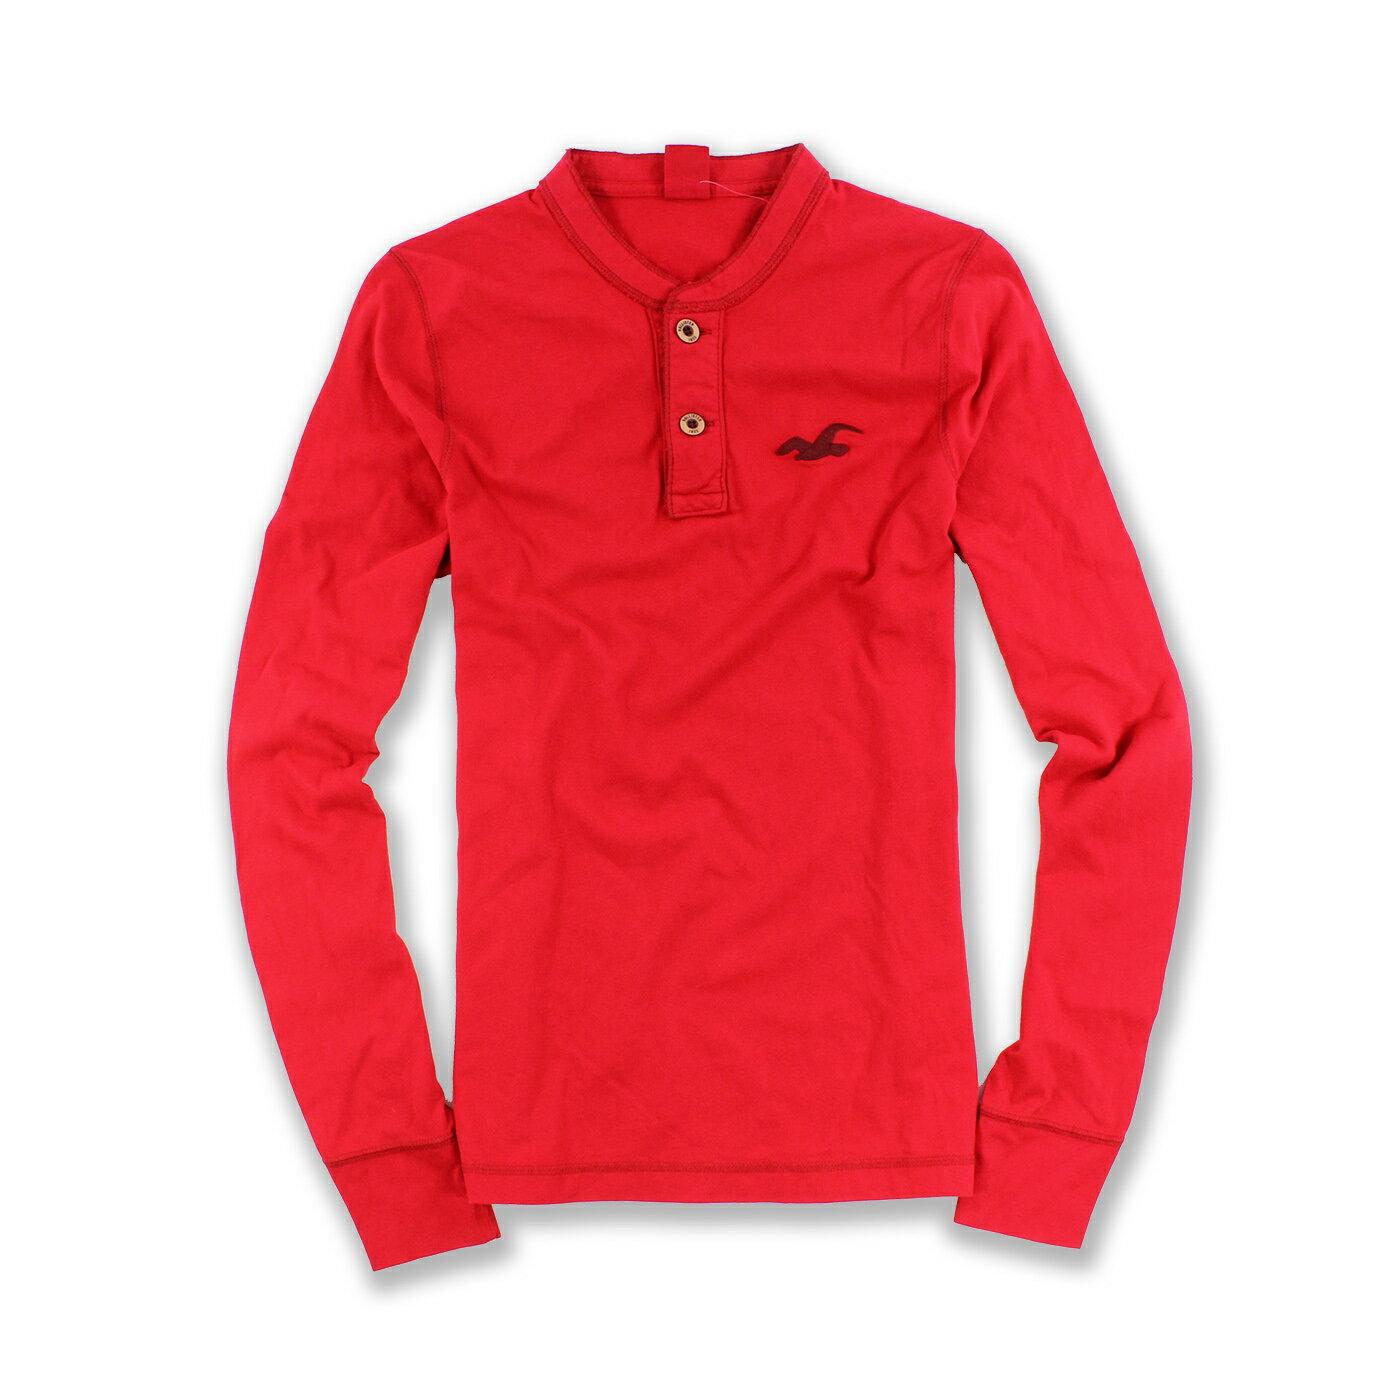 美國百分百【Hollister Co.】T恤 HCO 長袖 T-shirt 長T 海鷗 亨利領 紅色 S號 F552